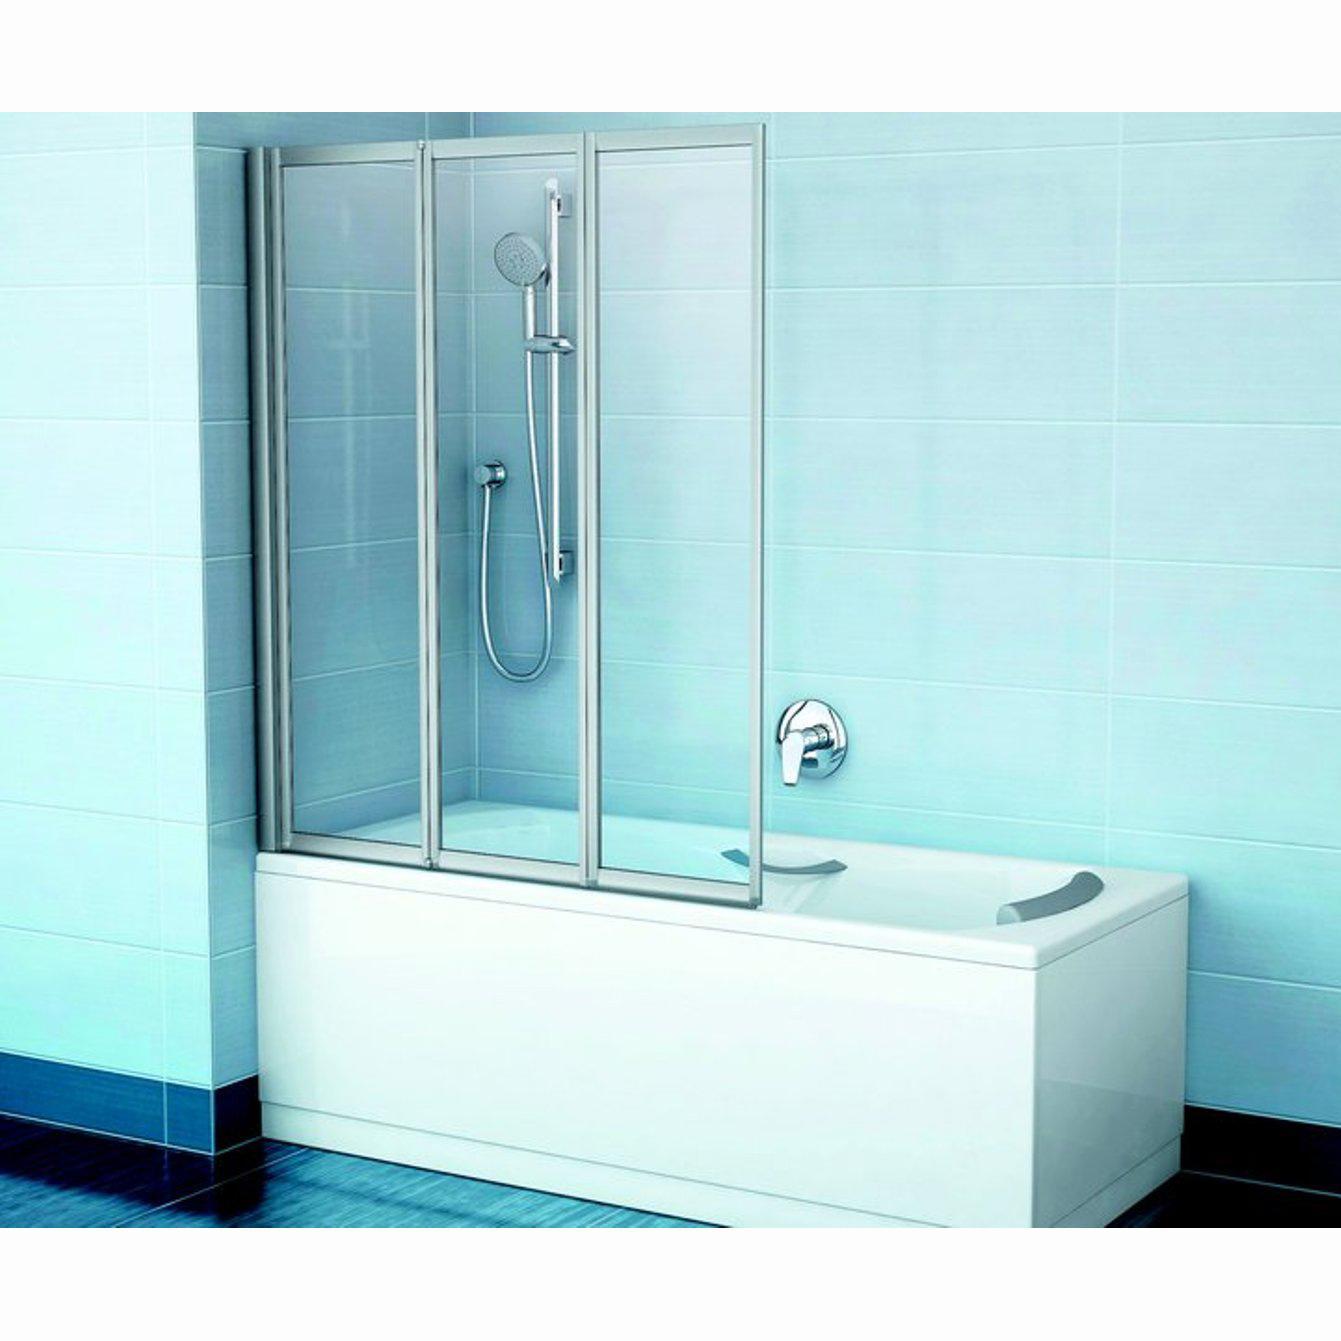 Шторка для ванны Ravak VS3 115 профиль хром, полистирол шторка на ванну ravak vs3 115 115х140 см рейн 795s010041